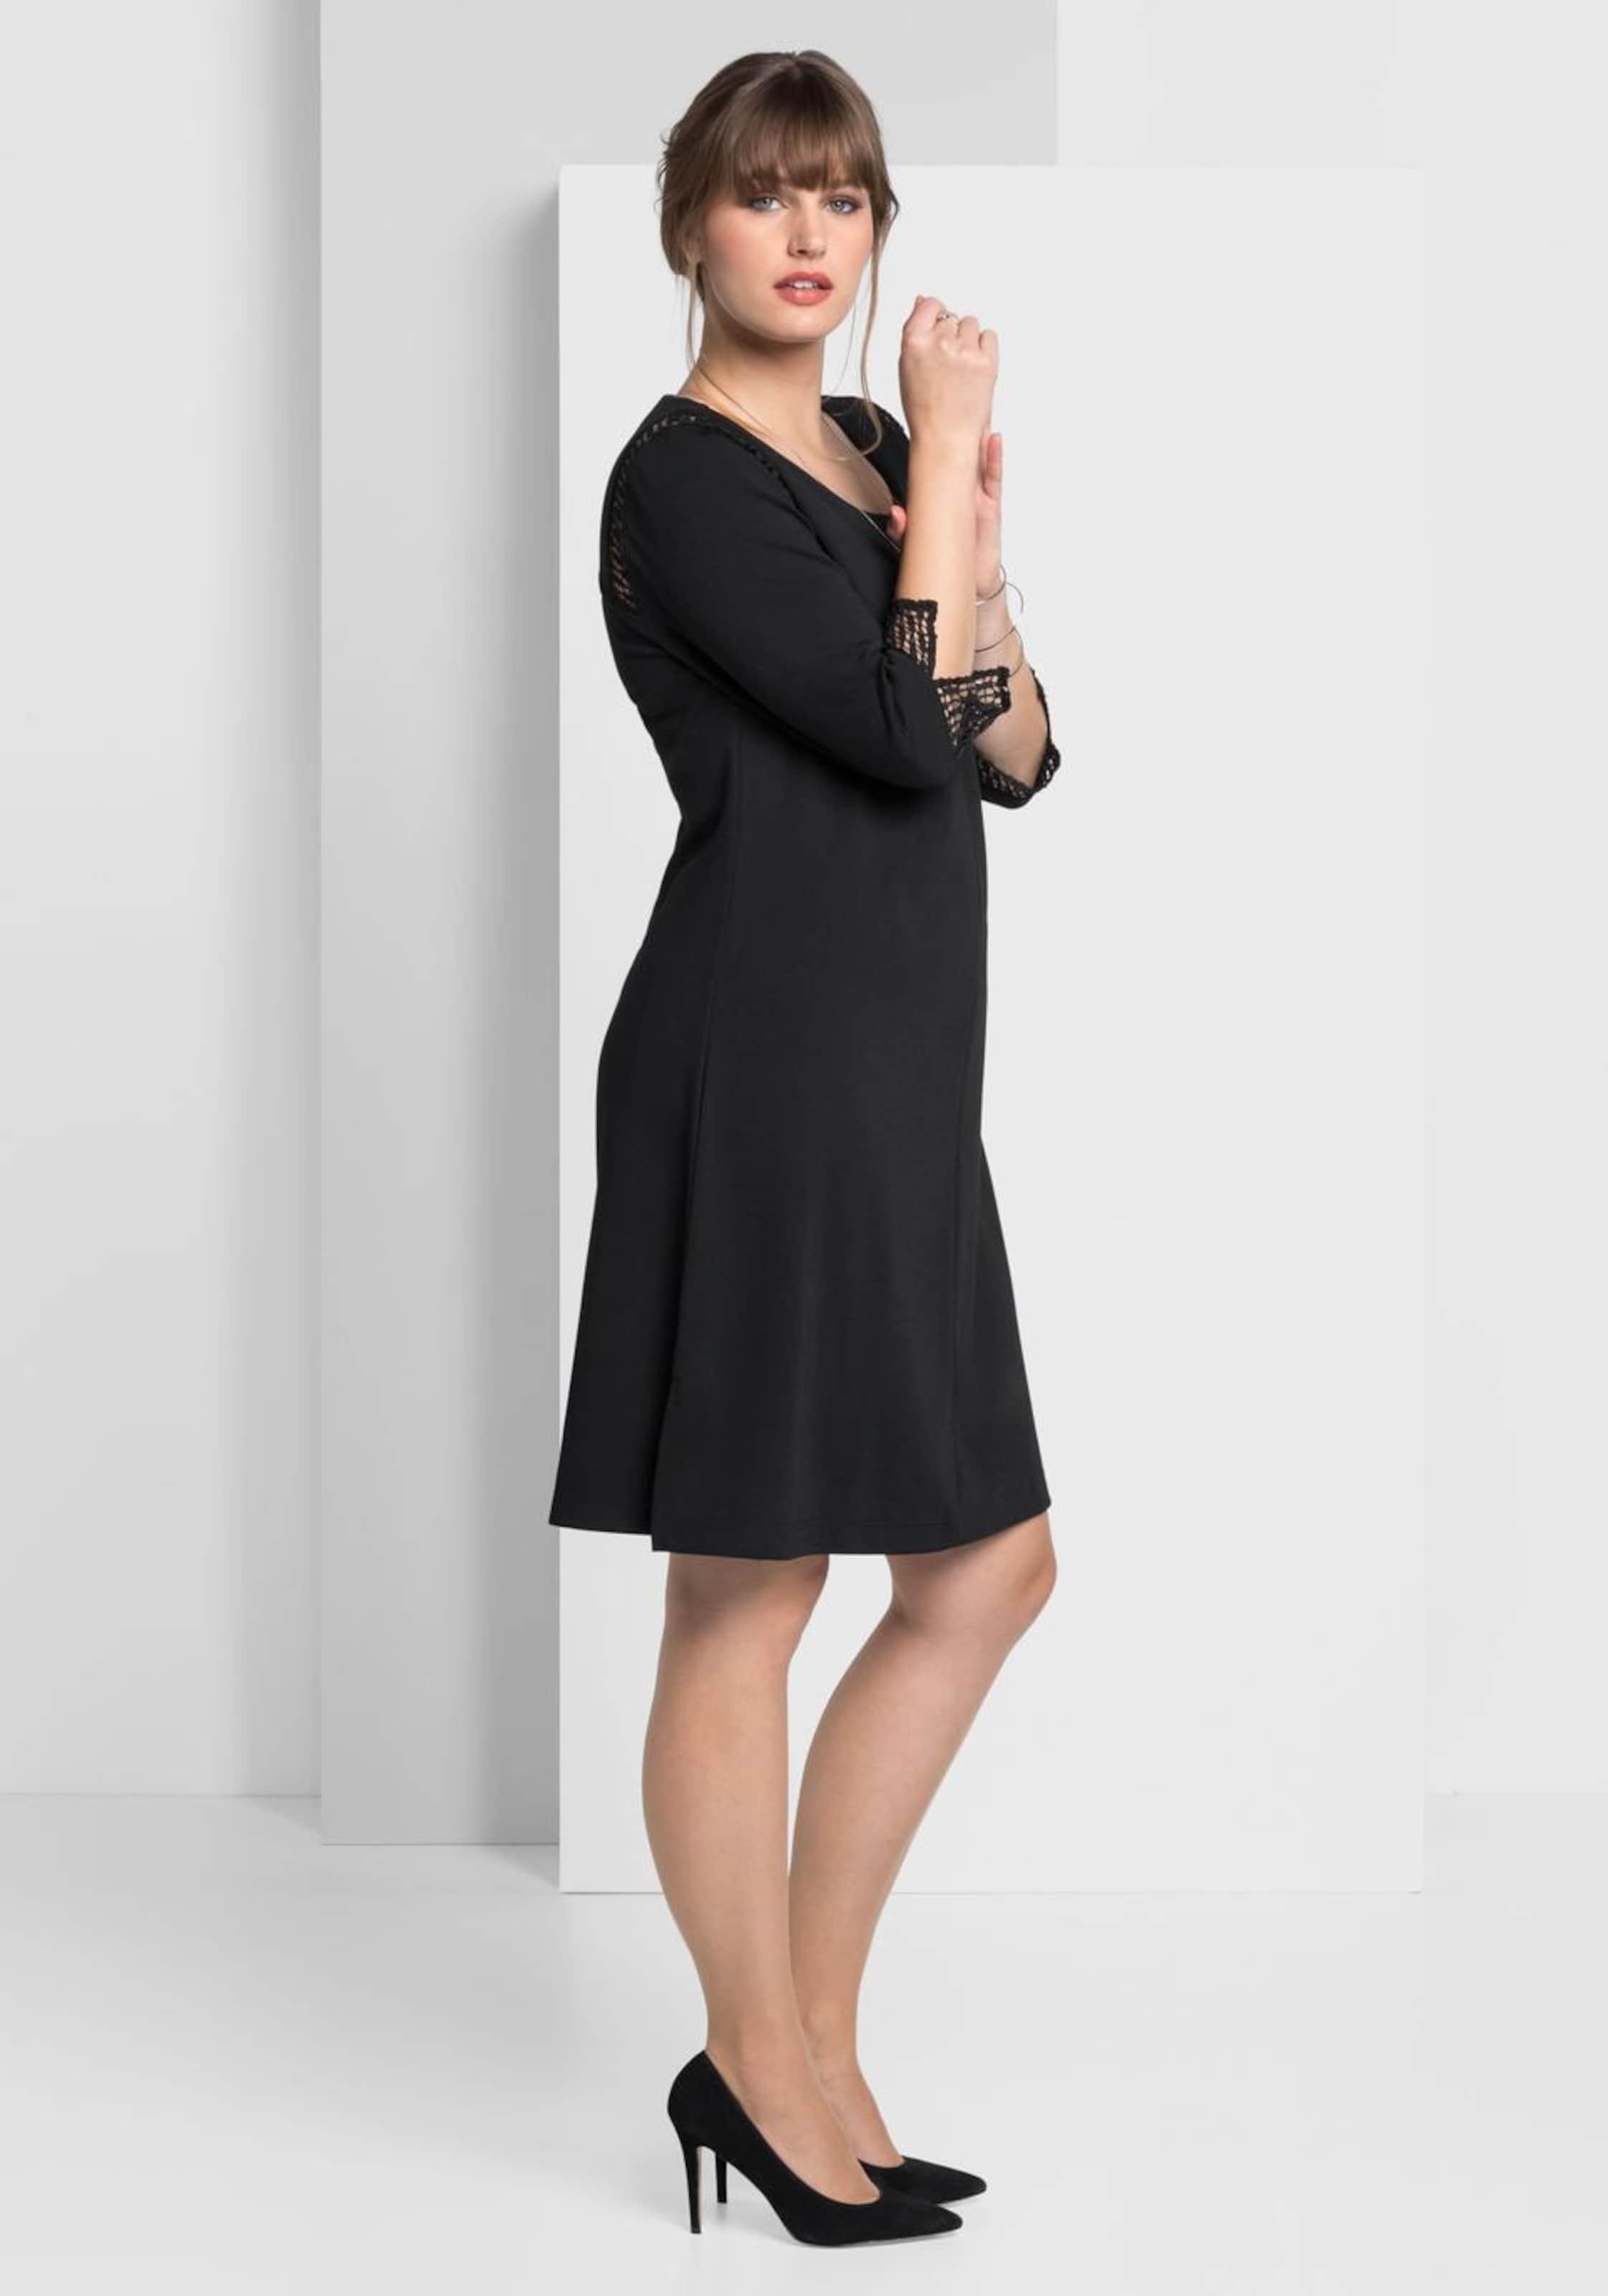 Sheego Schwarz In Style Kleid Sheego Style Kleid vOmN08nw